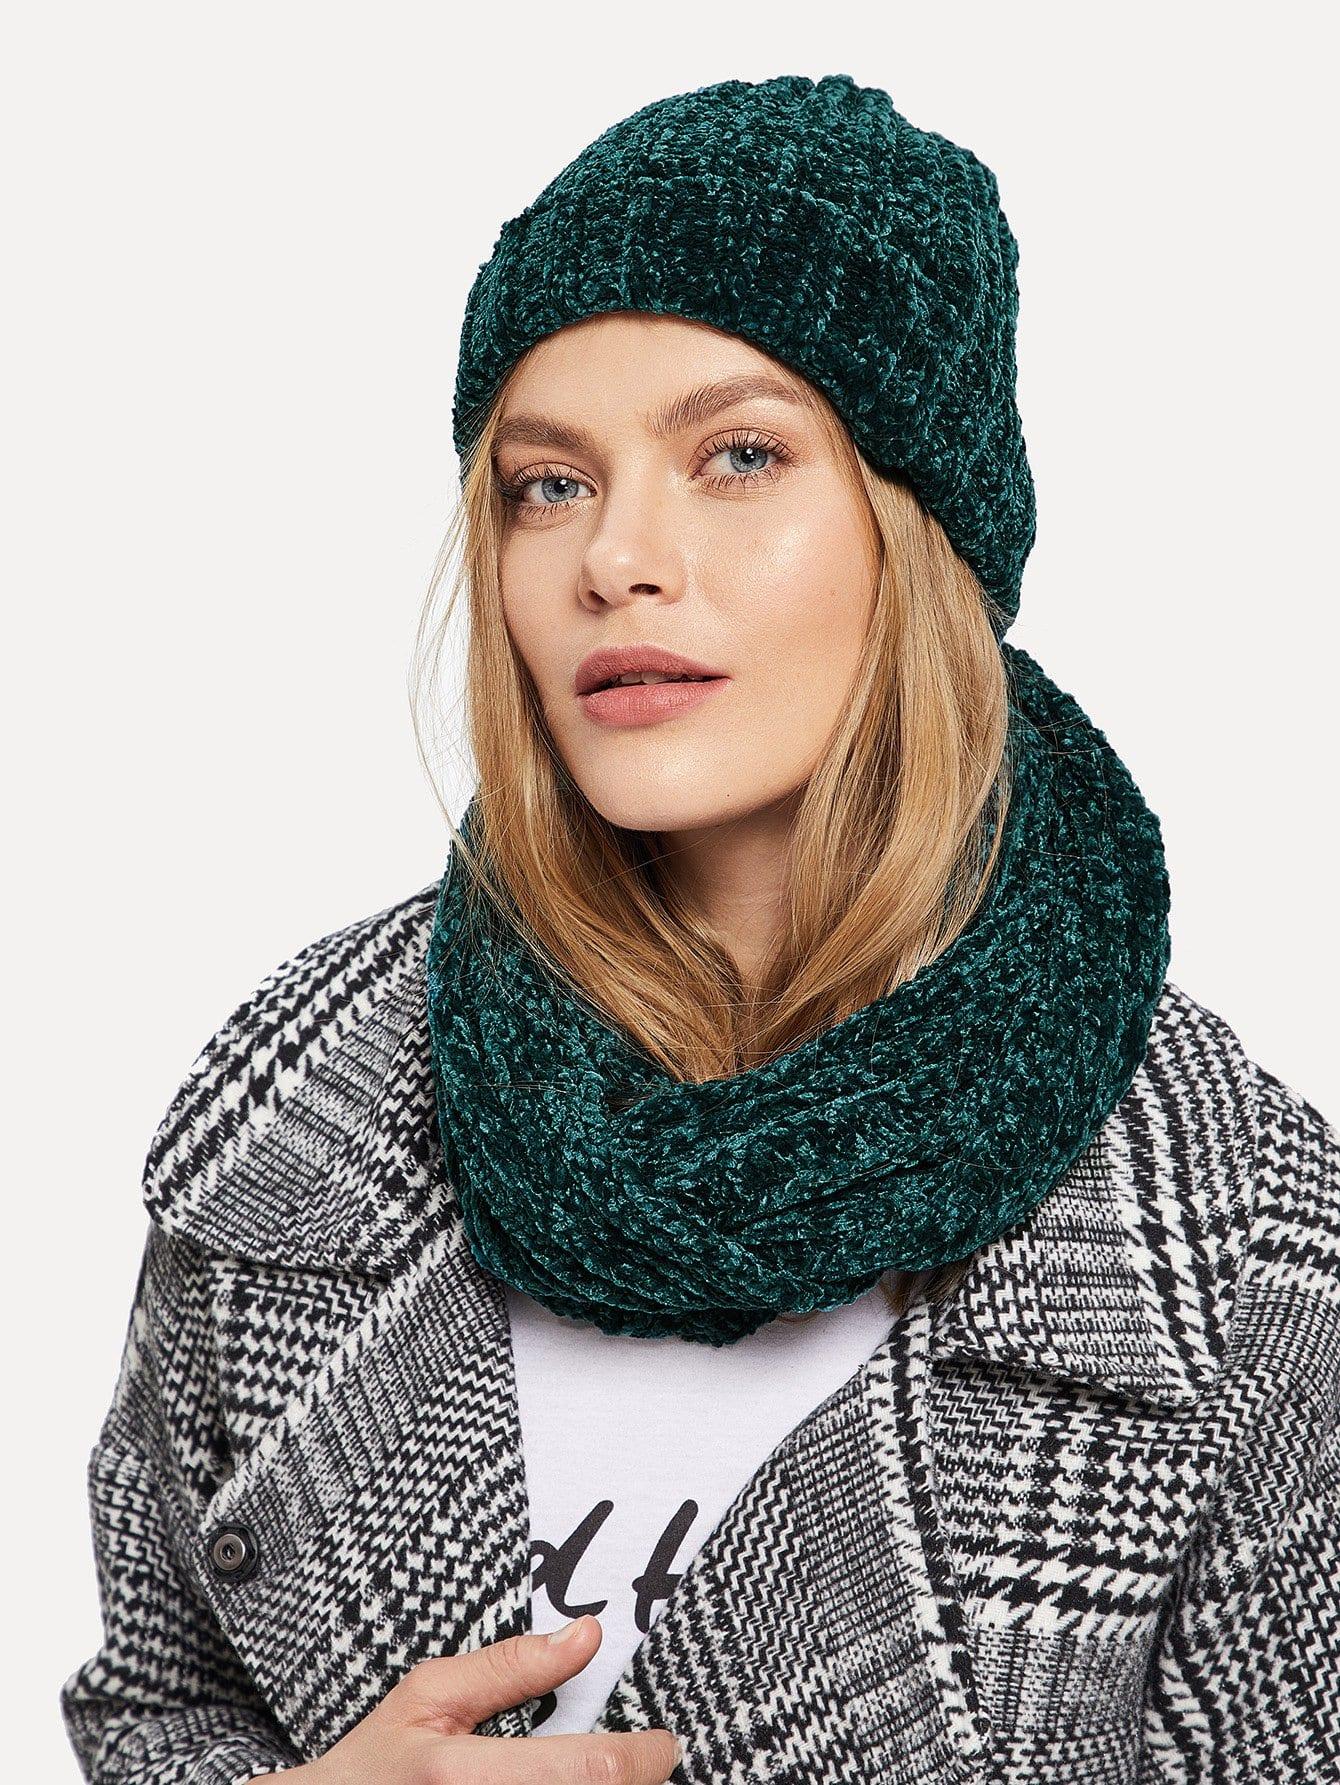 Силиевая Однотонная шляпа и шарф 2 шт, Kate C, SheIn  - купить со скидкой